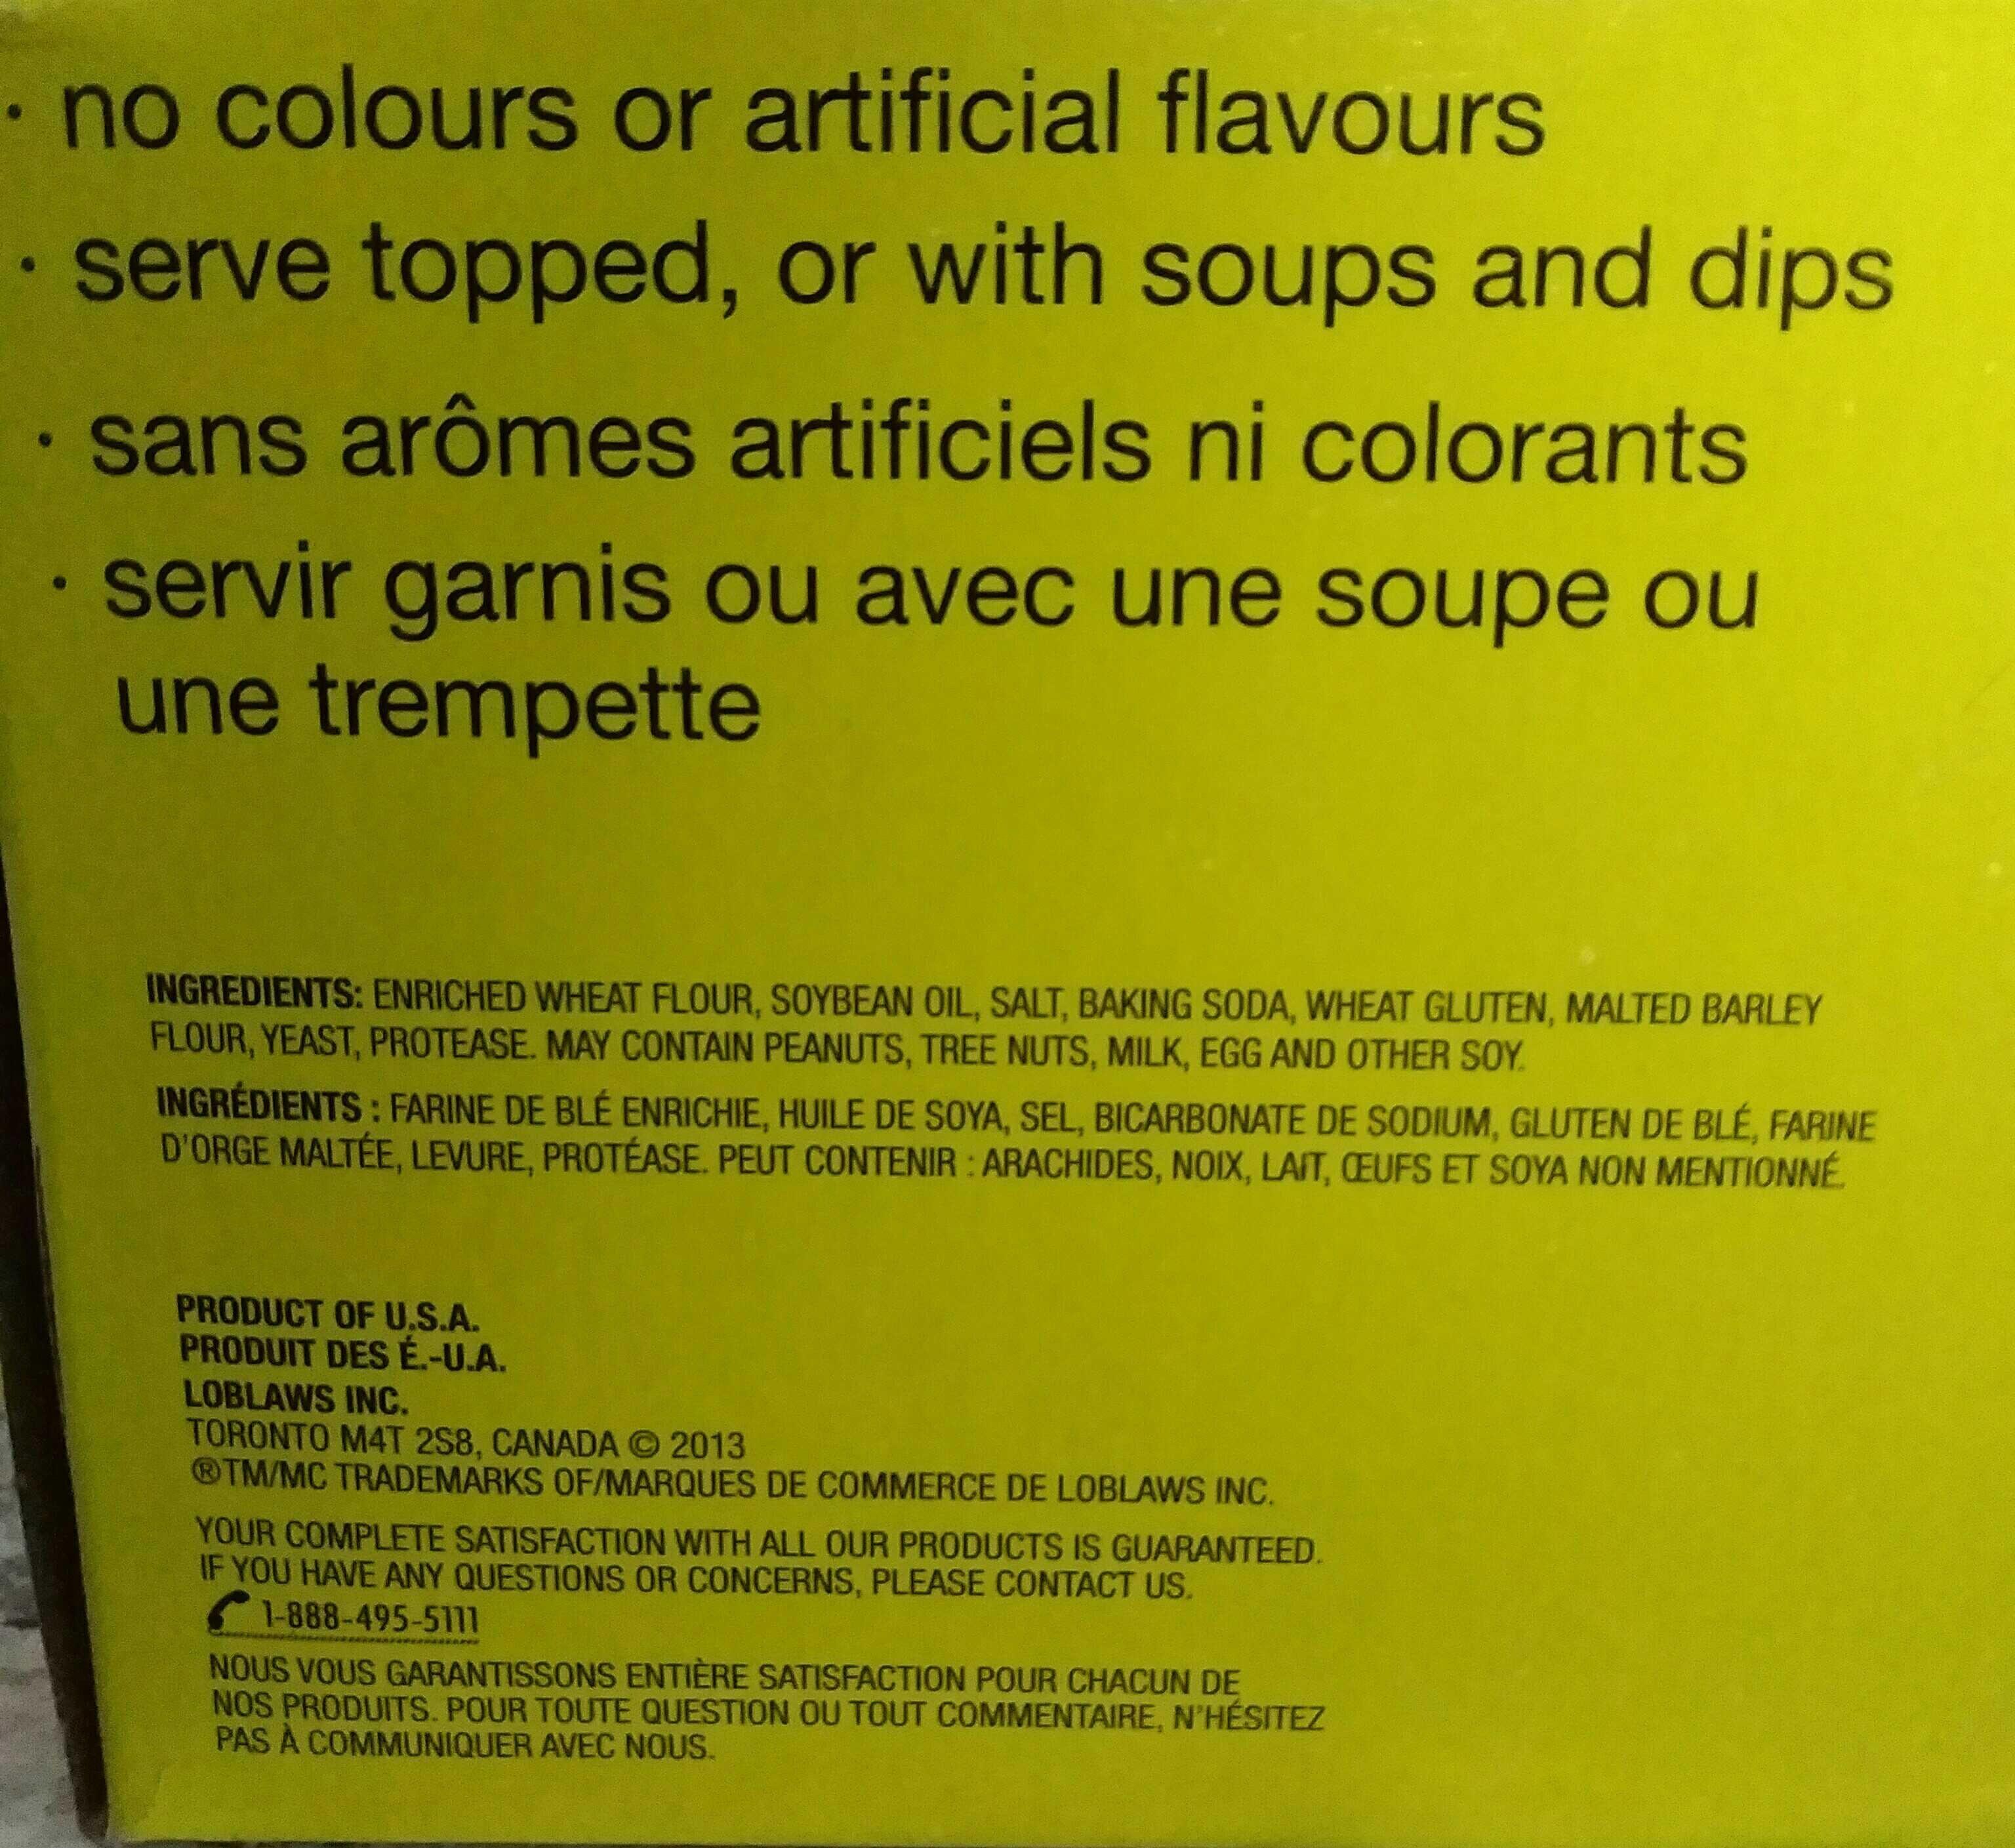 Biscuits soda salés - Ingrédients - en